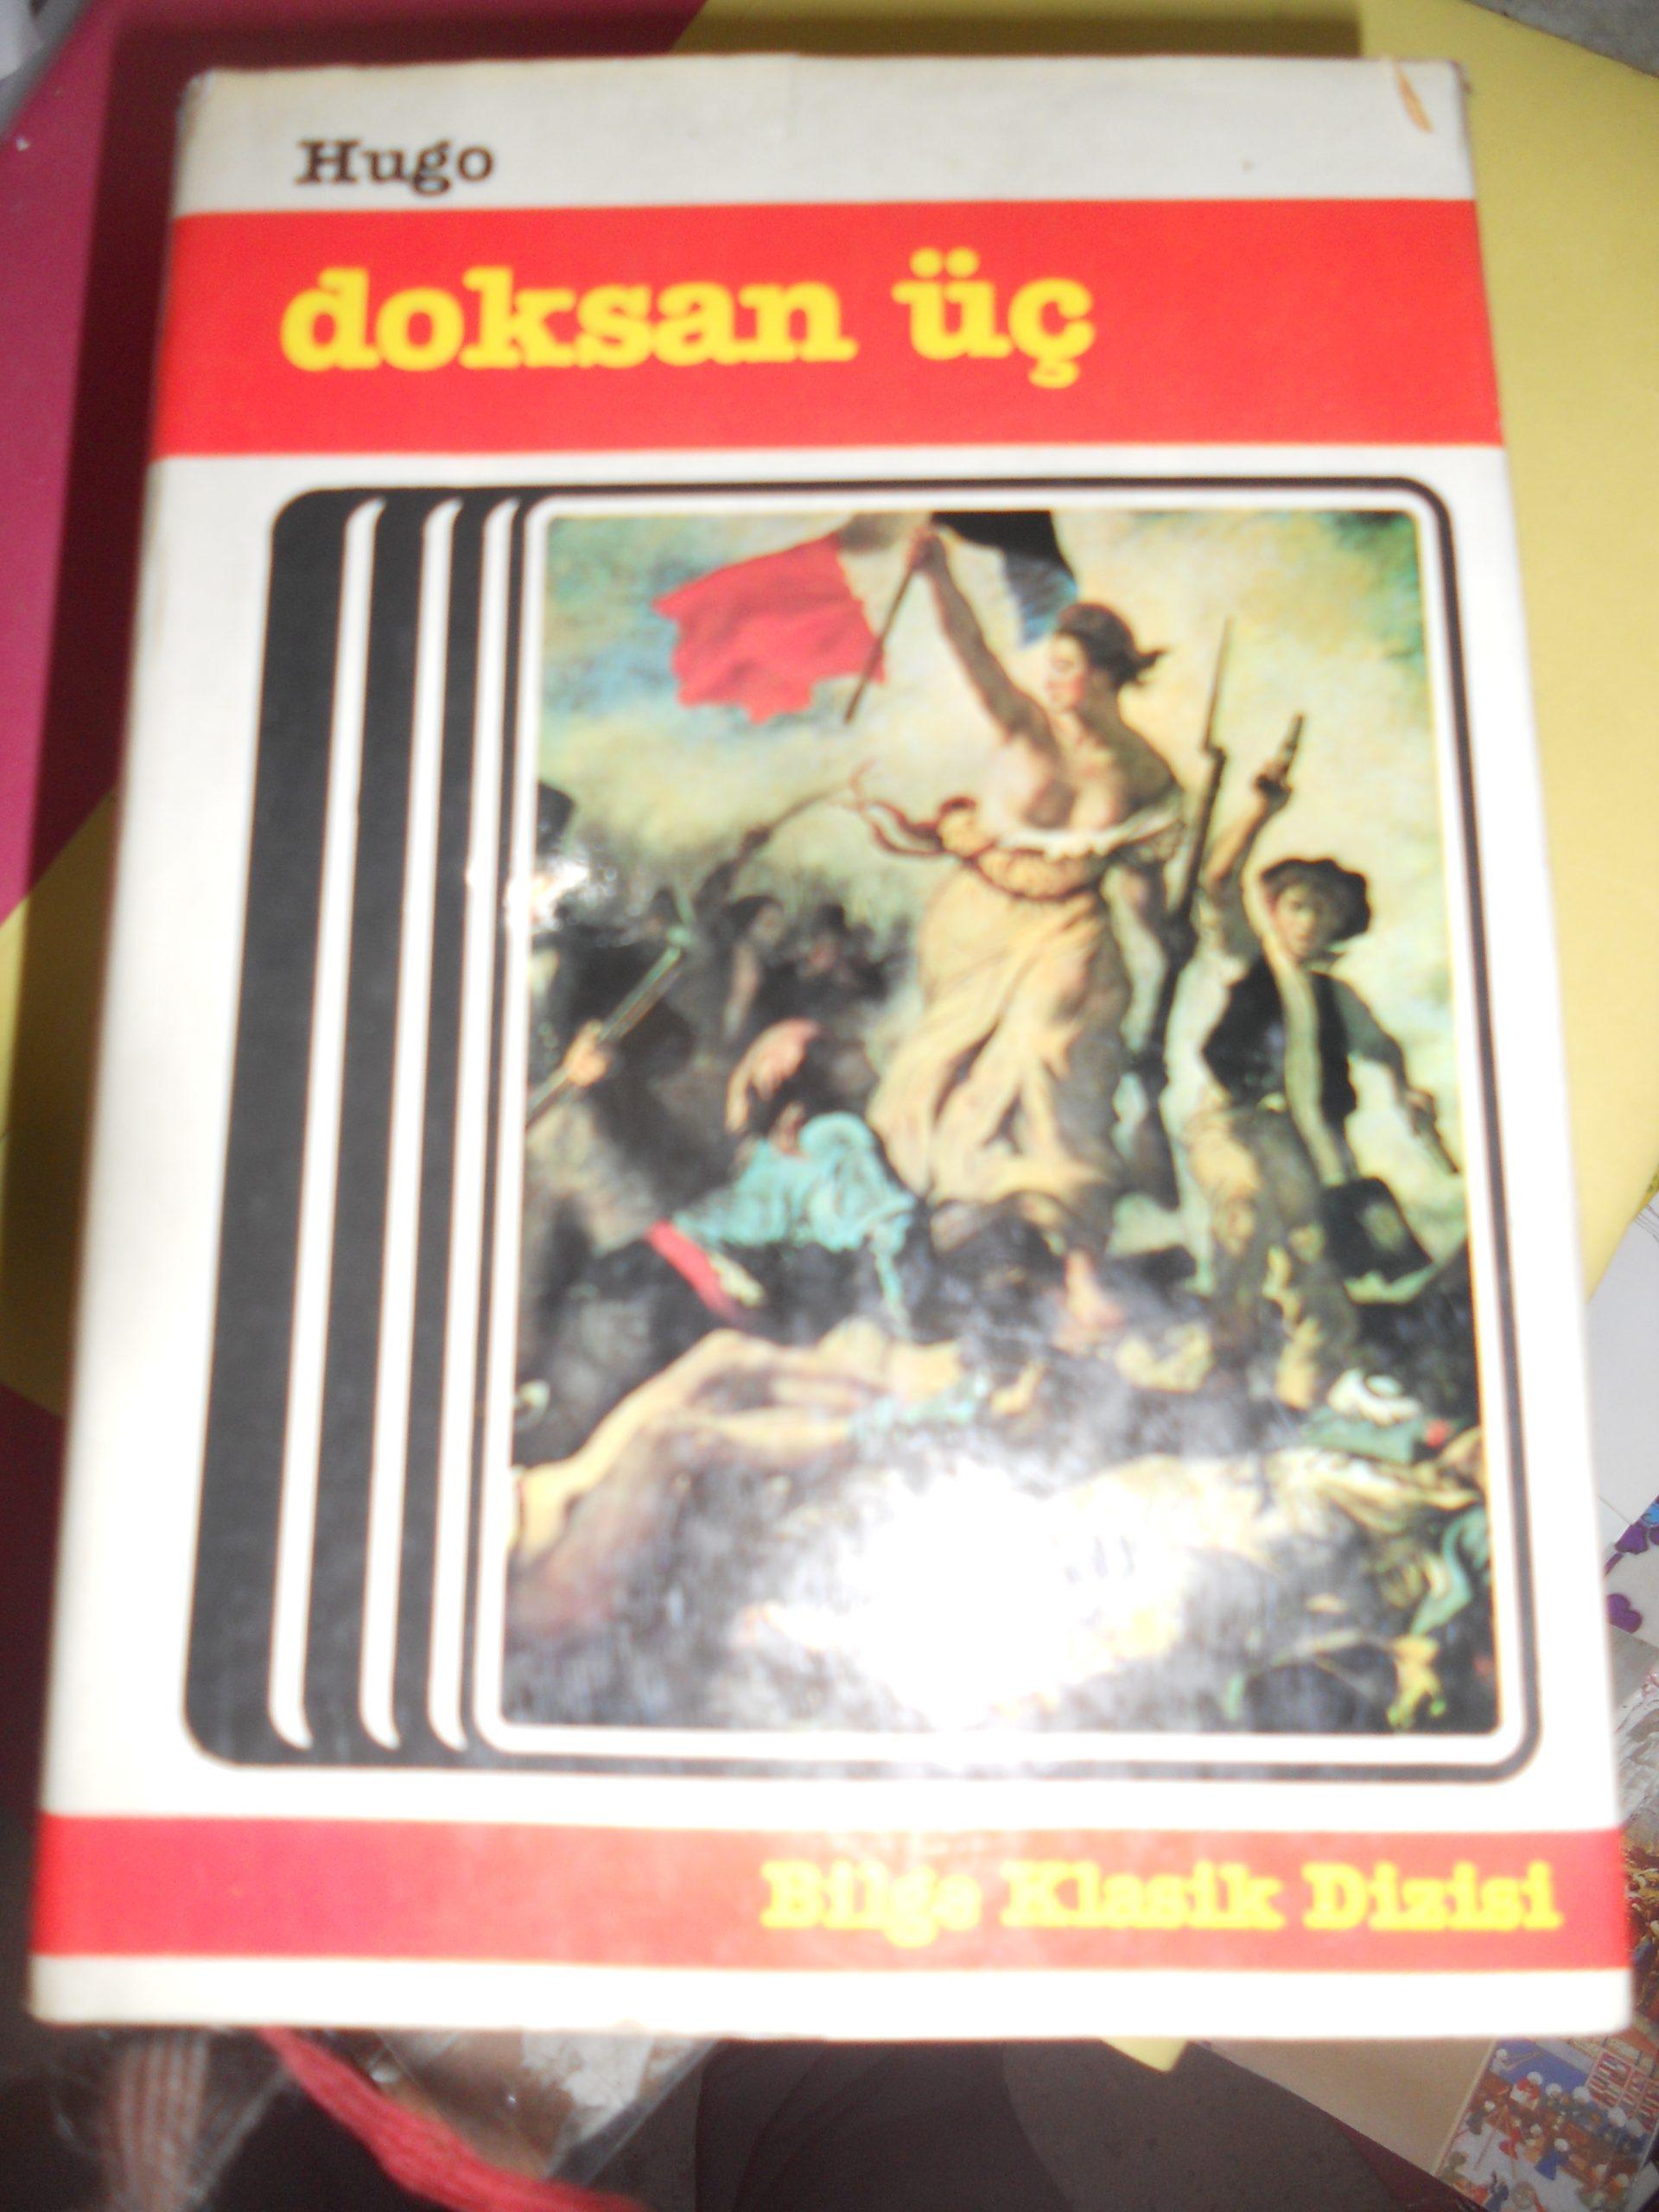 DOKSAN ÜÇ/Vıctor HUGO/20 TL